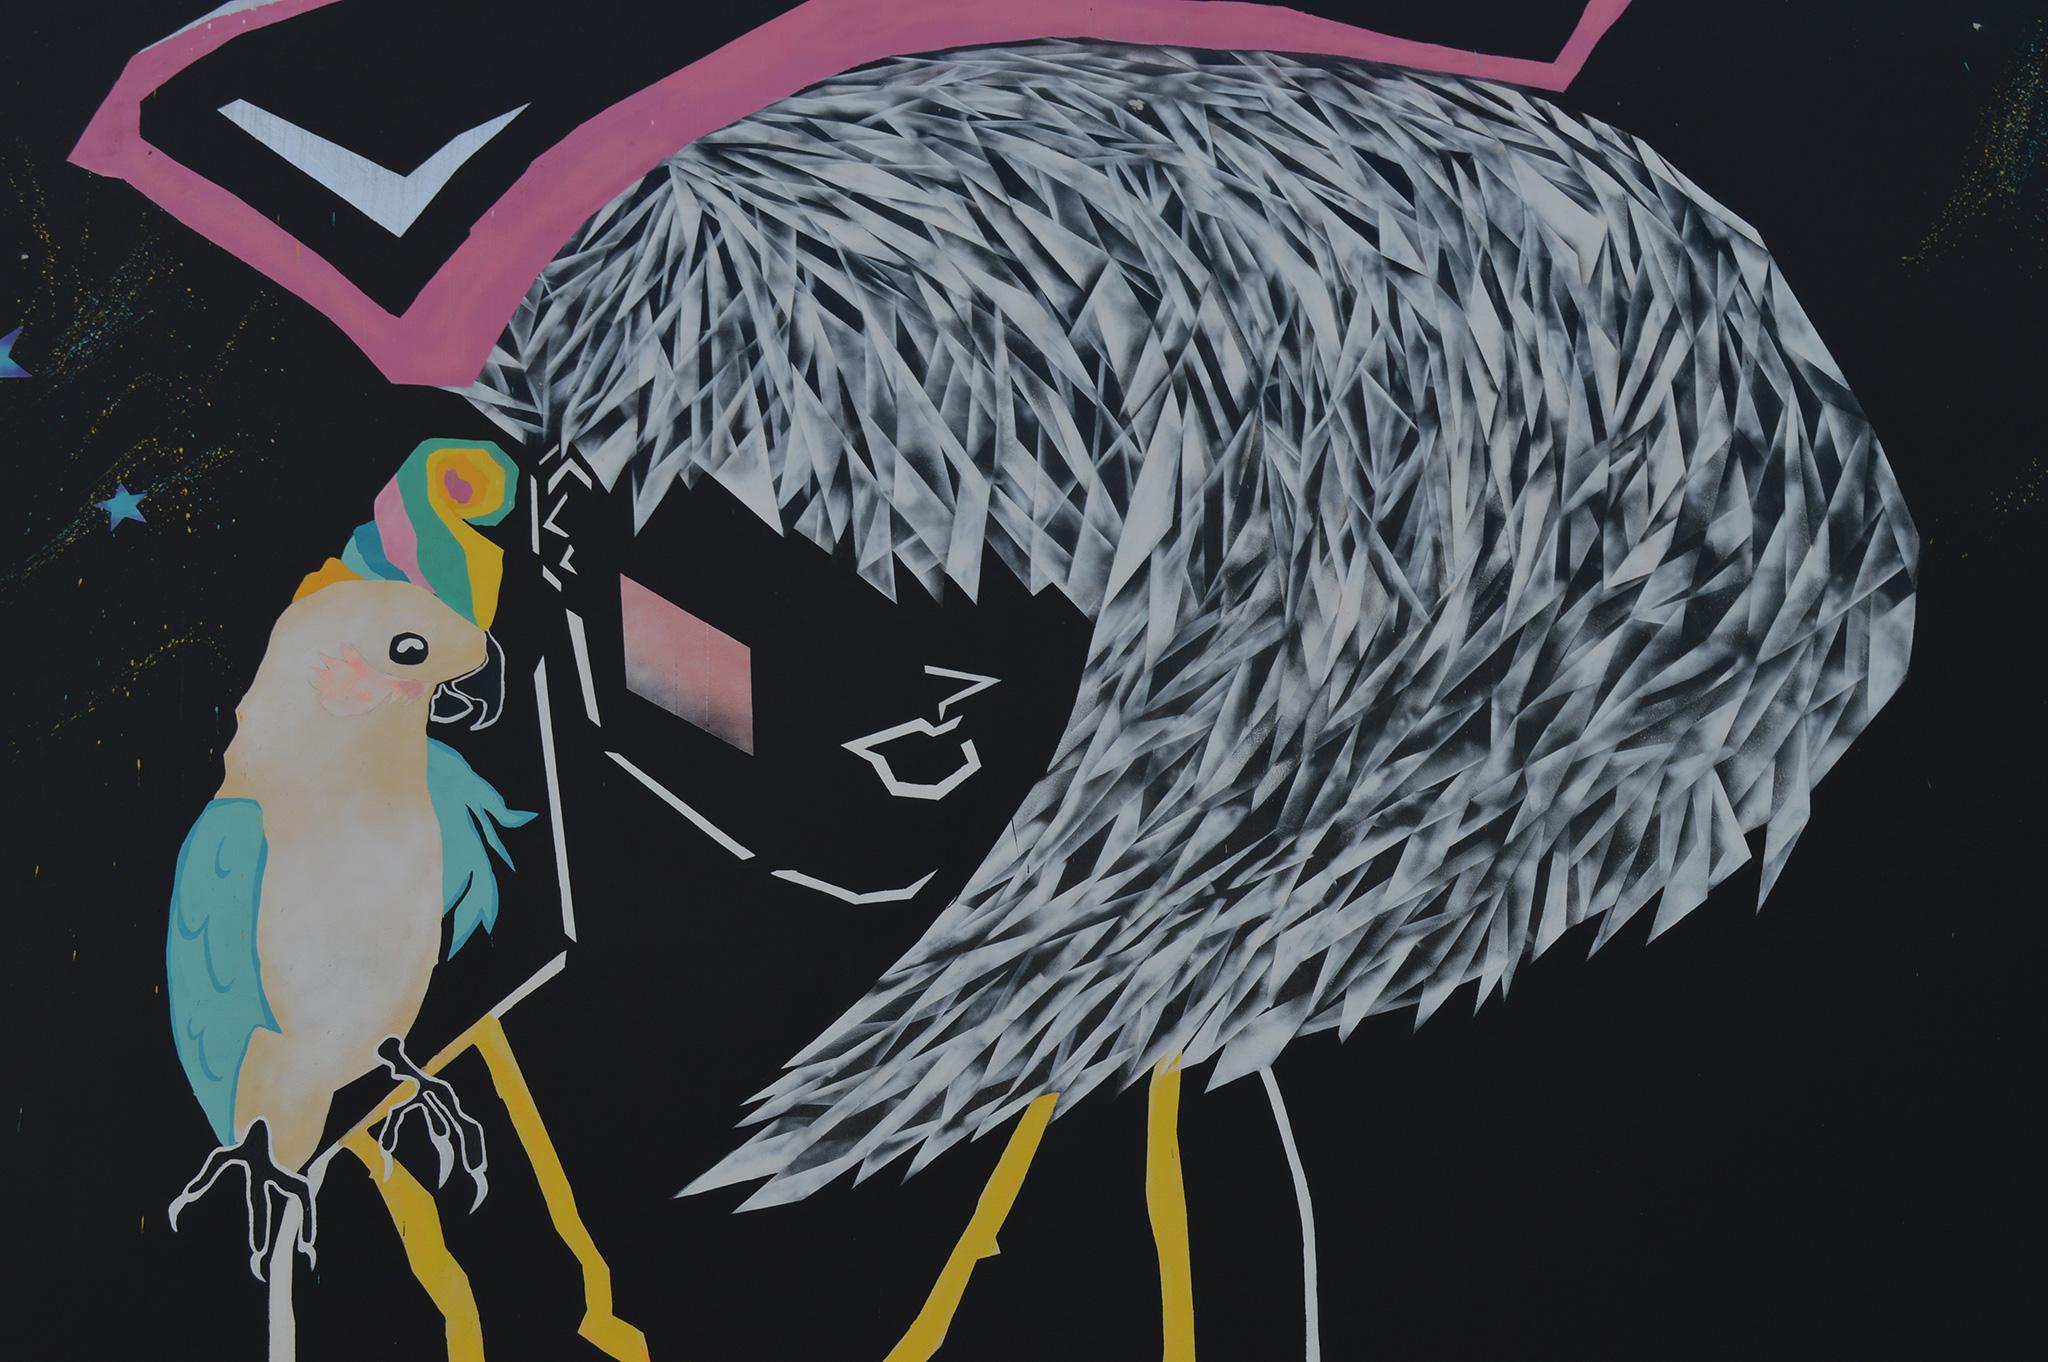 Foto principal mural In Ictu Oculi